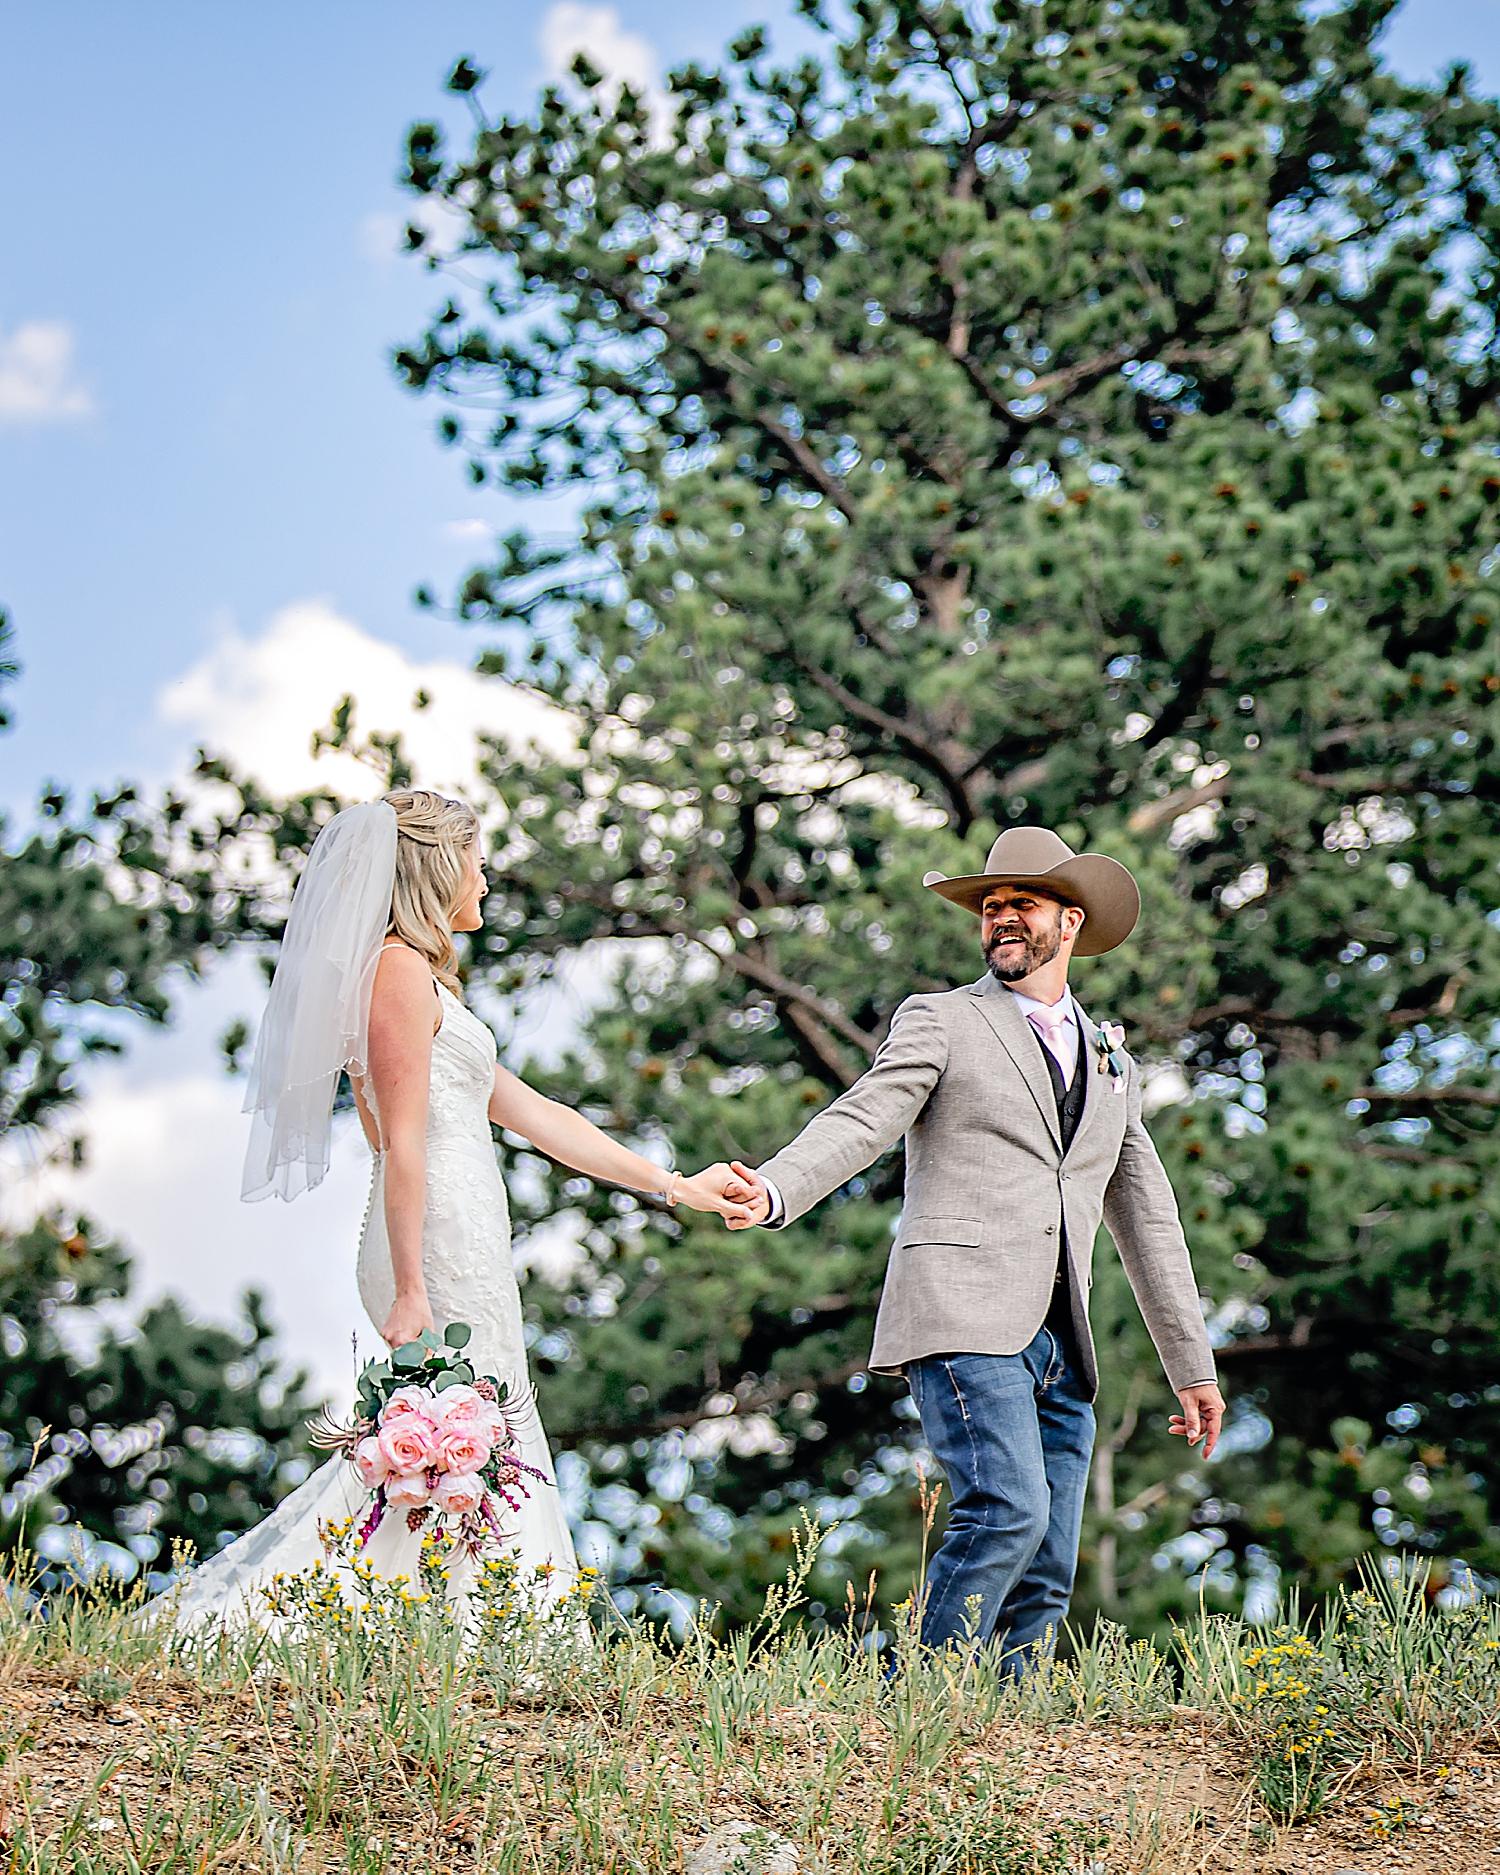 Carly-Barton-Photography-Rocky-Mountain-National-Park-Estes-Park-Wedding-Elopement_0021.jpg